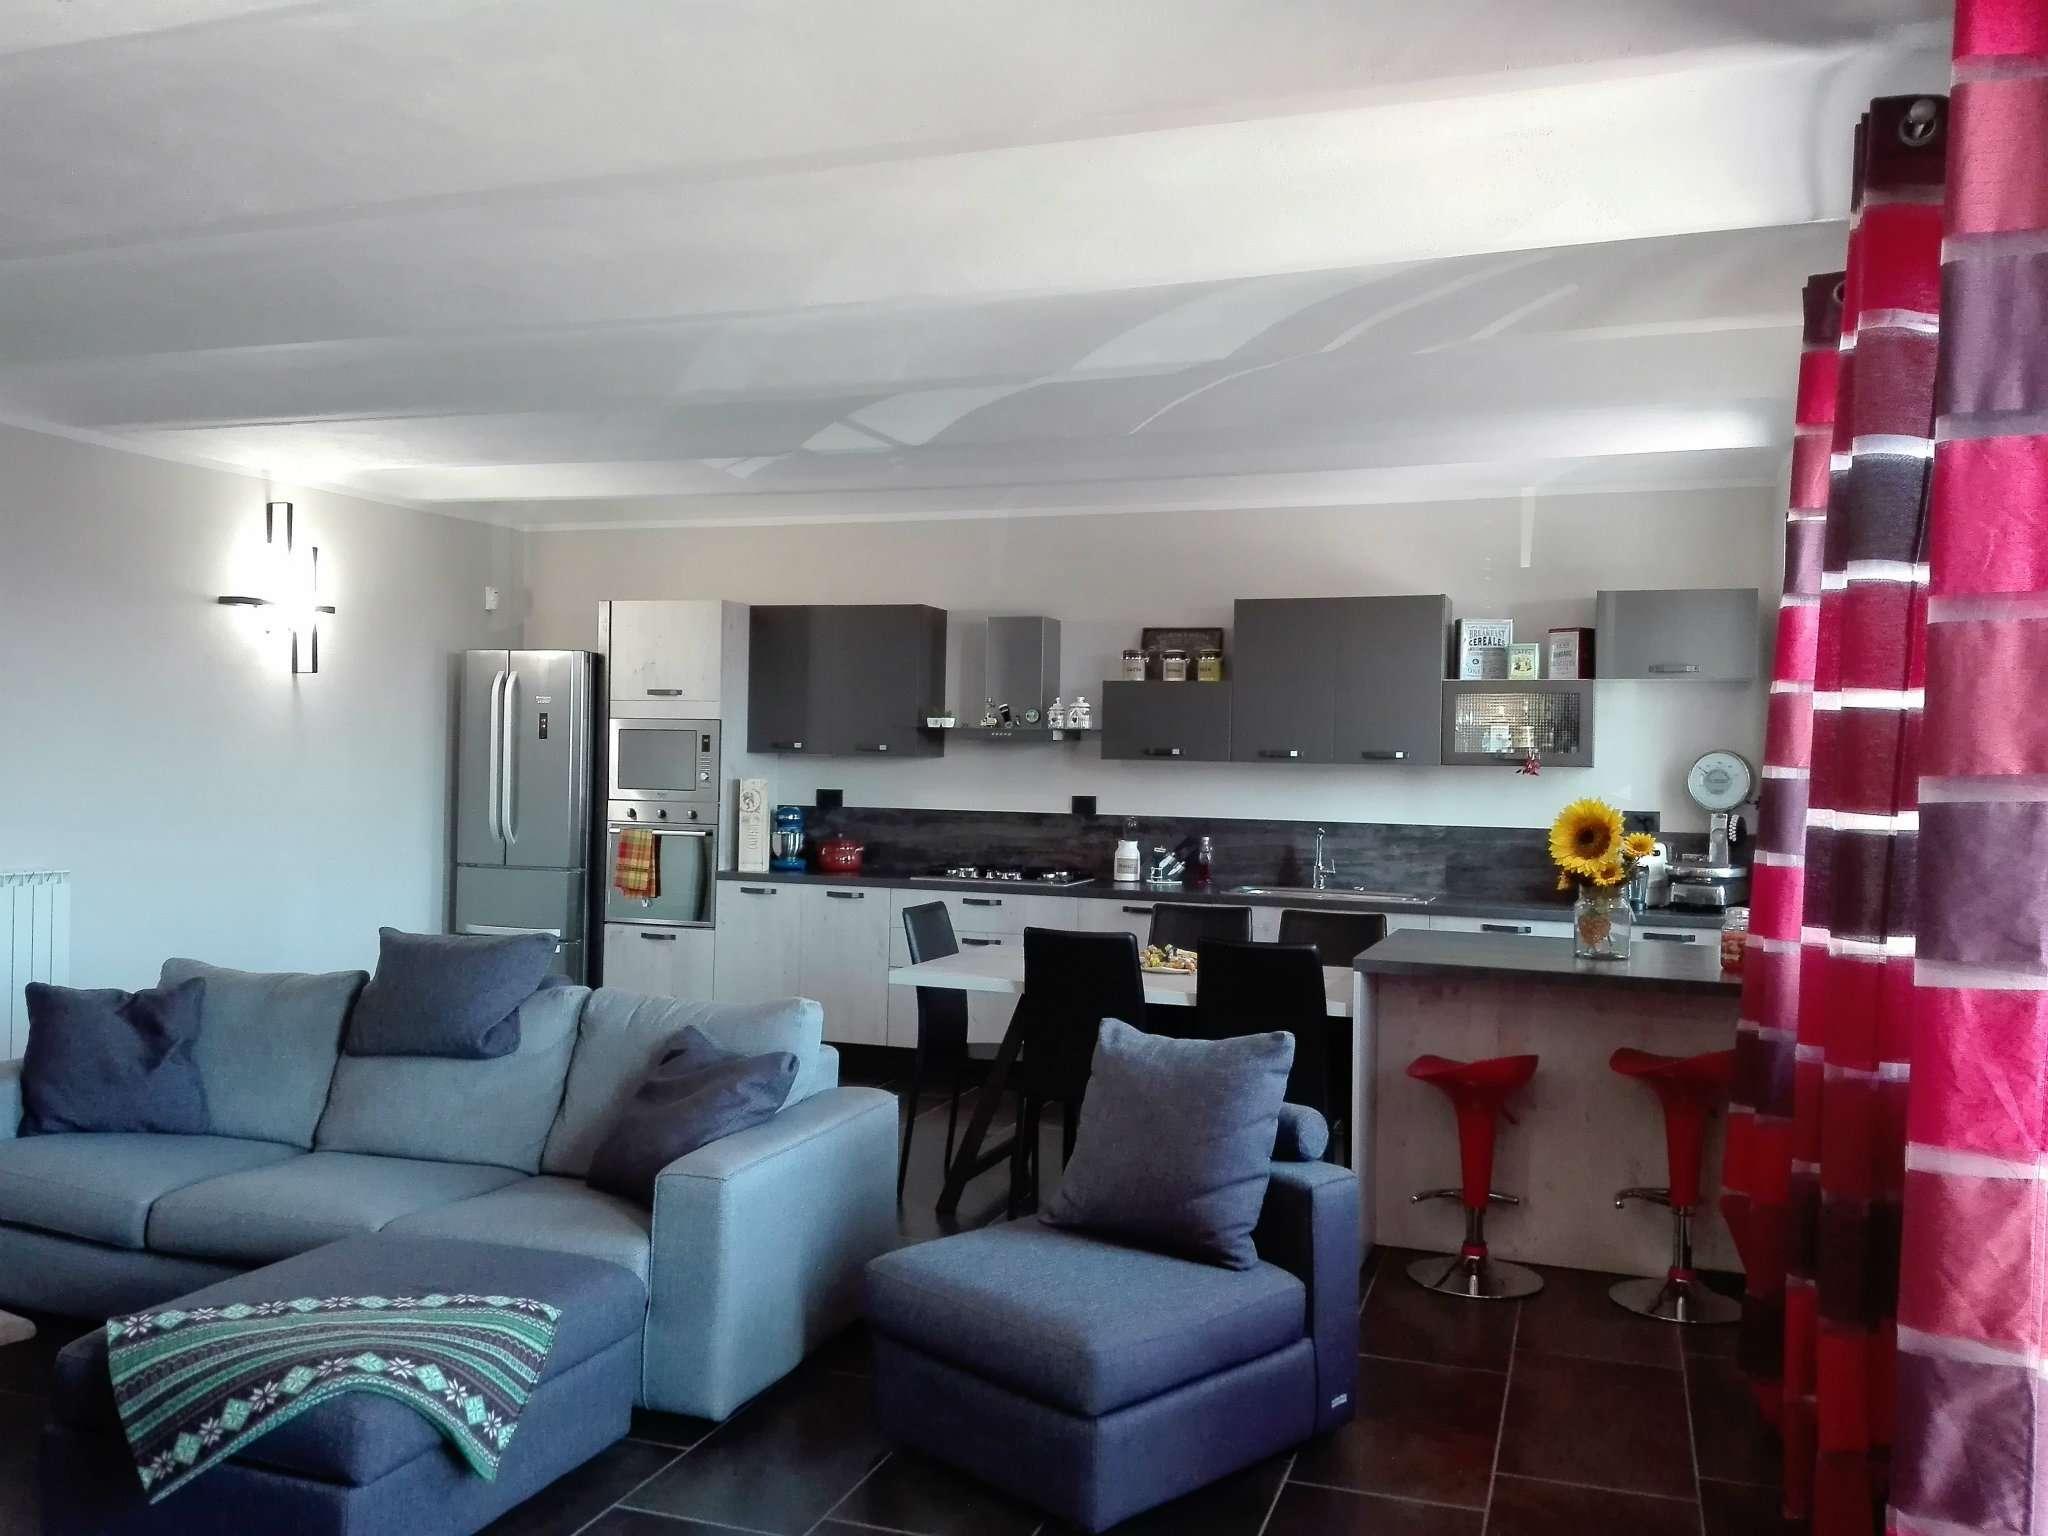 Appartamento in vendita a Moriondo Torinese, 3 locali, prezzo € 155.000 | Cambio Casa.it